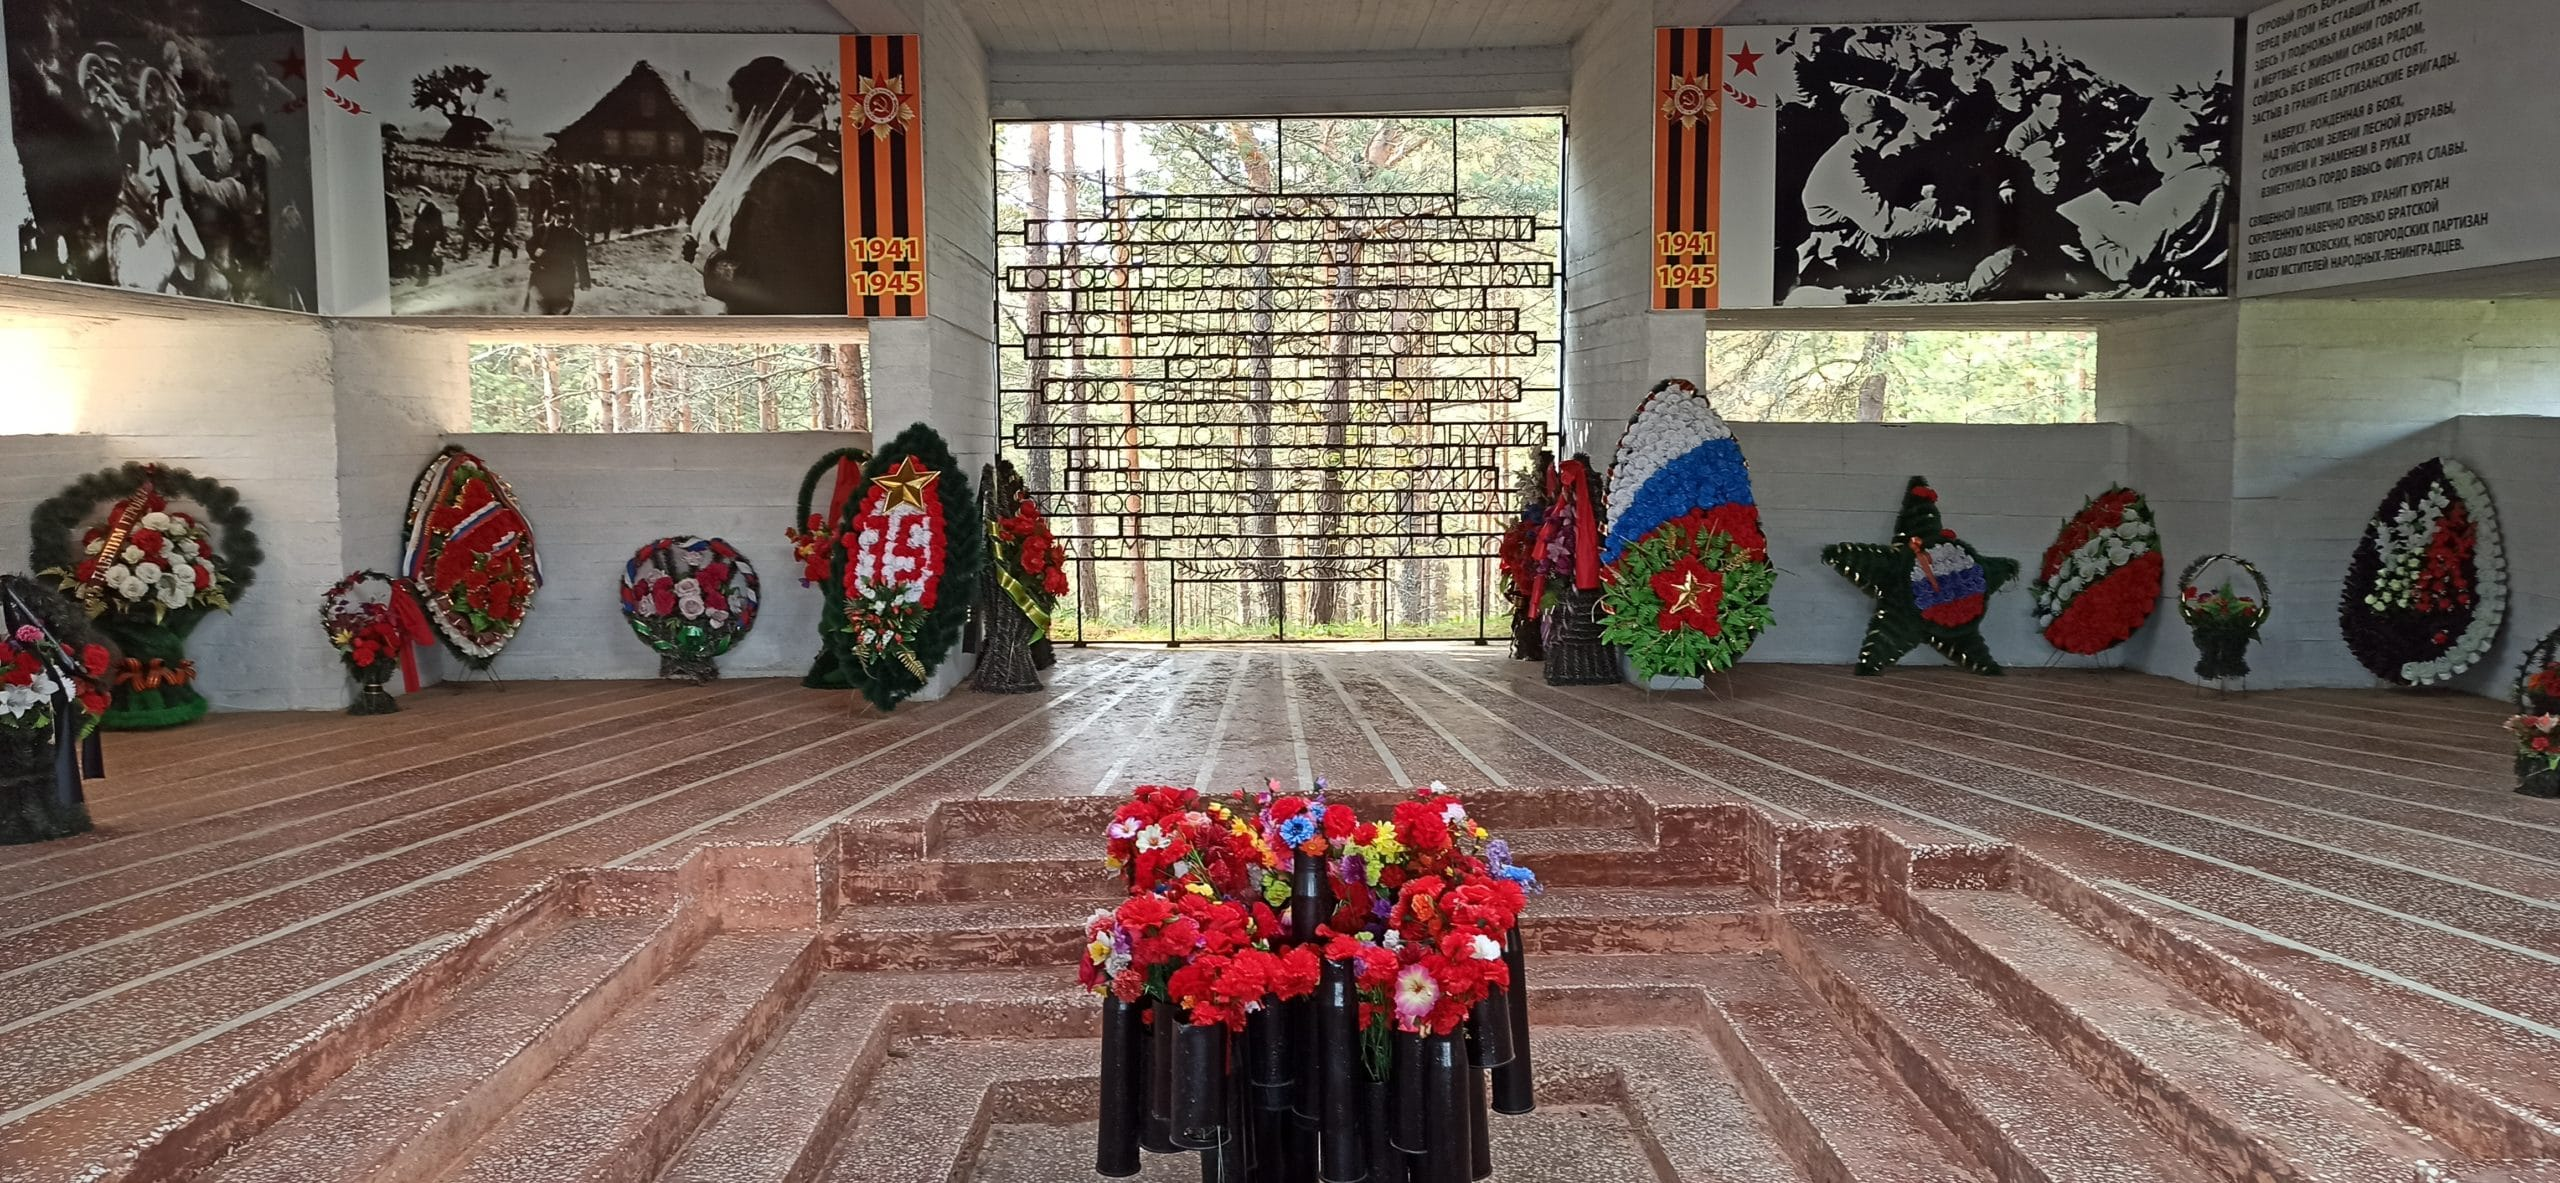 Вокруг Луги: Монумент Партизанская слава, памятный зал